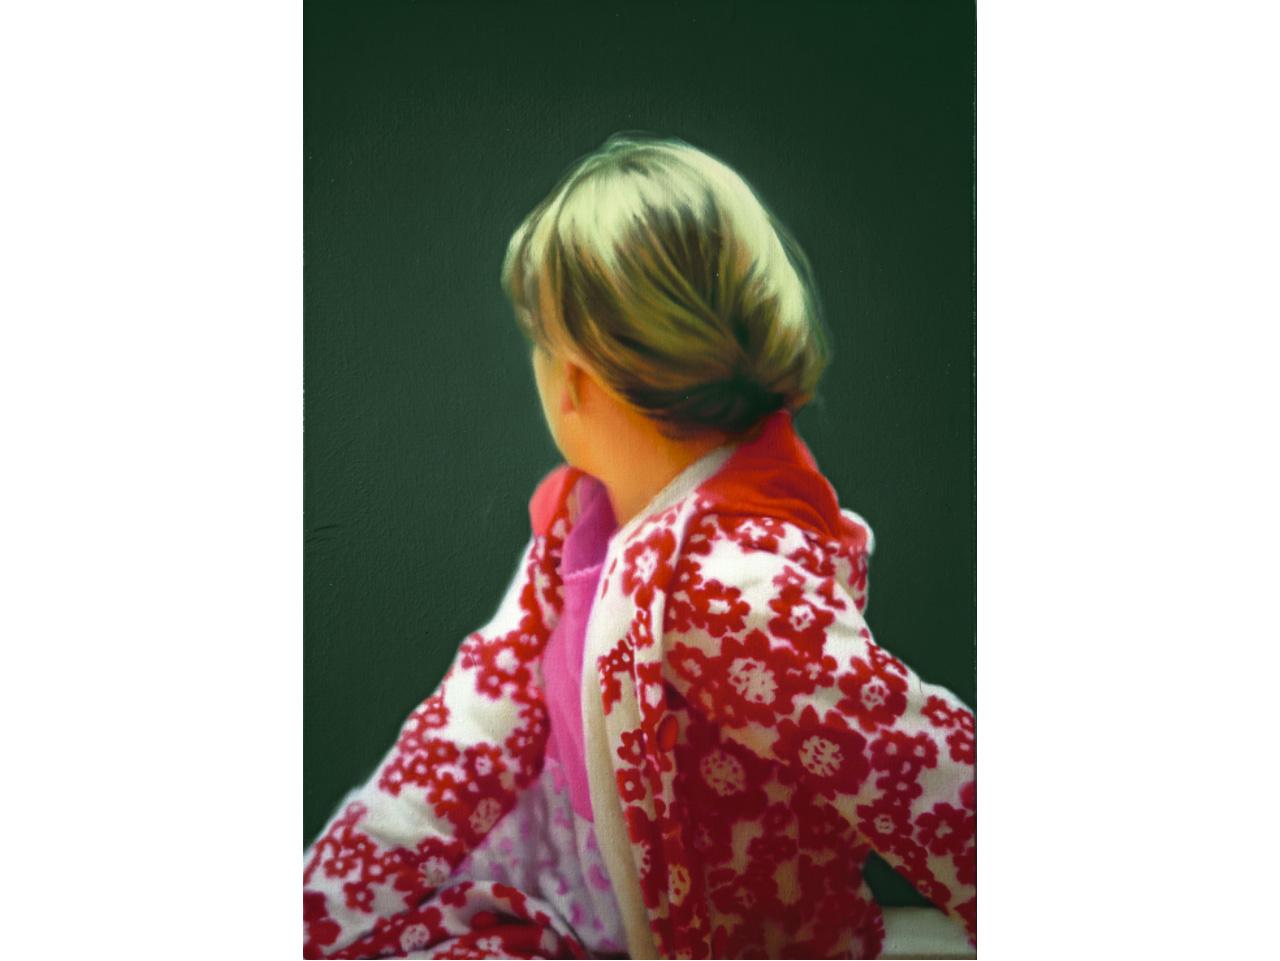 Gerhard Richter, Betty, 1991, Edition 23 of 25. Courtesy: Sammlung Olbricht. © Atelier Gerhard Richter